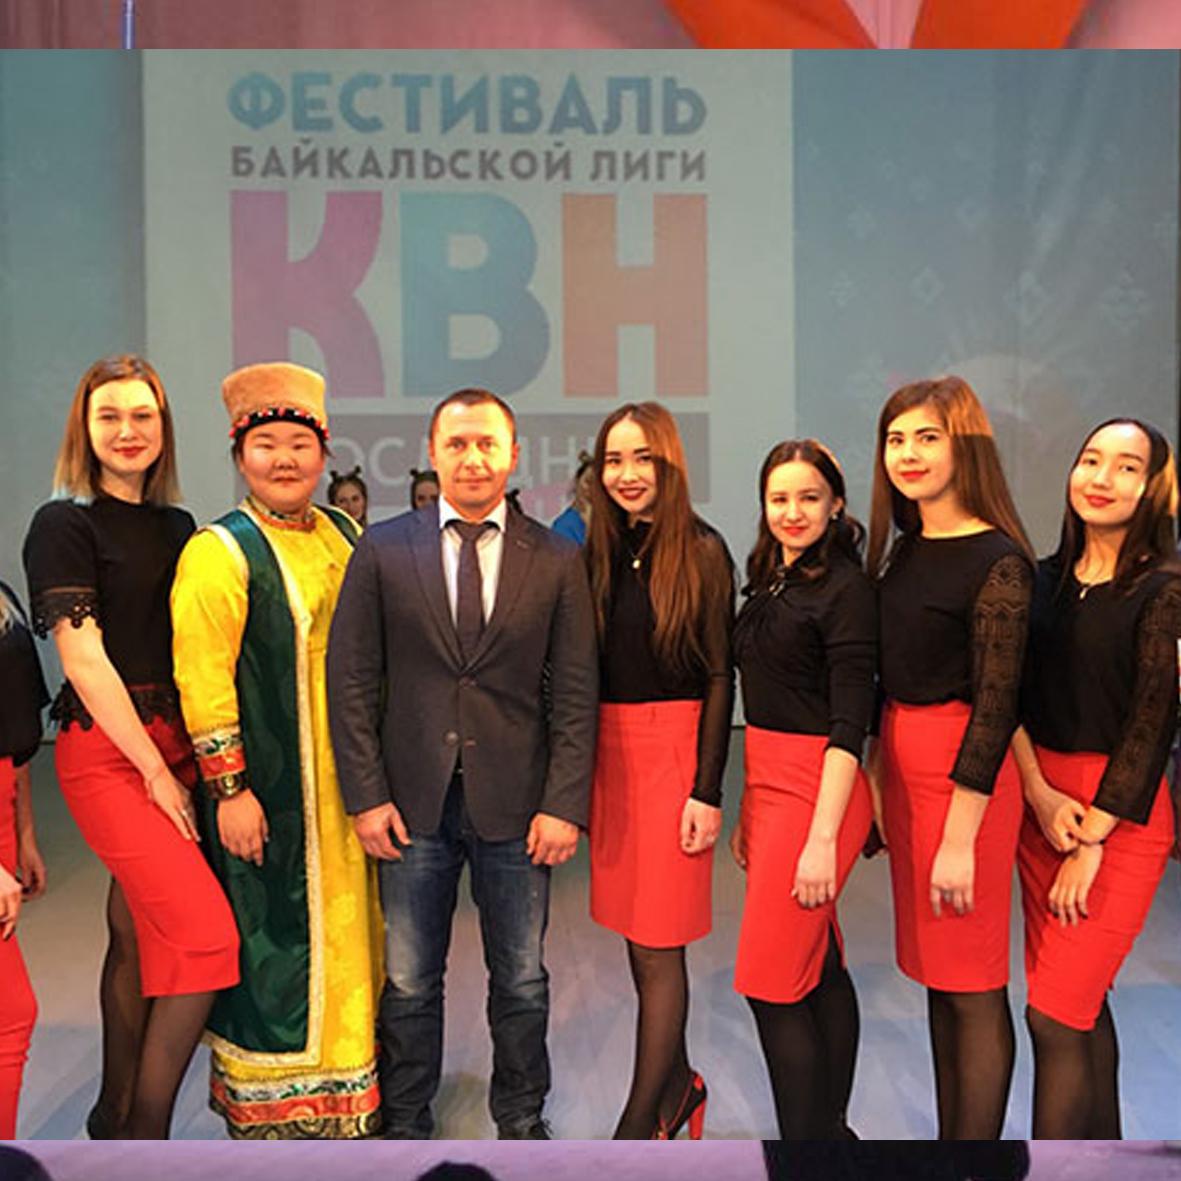 """Команда КВН """"Бохан"""" вылетела в Моску на 1/4 финала телевизионного проекта Детский КВН"""